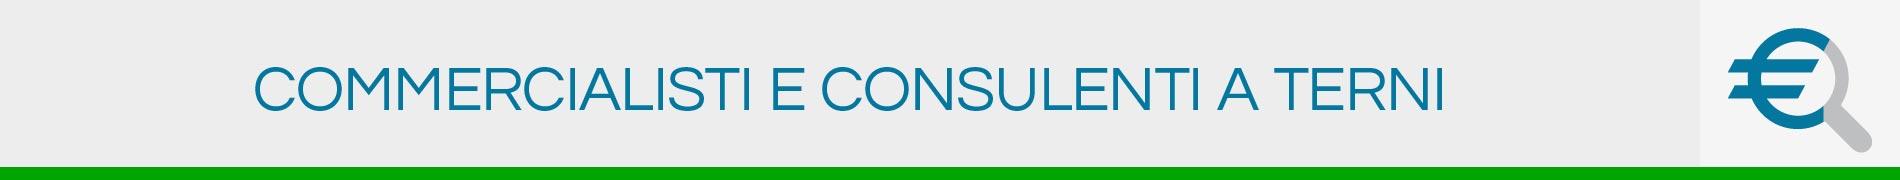 Commercialisti e Consulenti a Terni